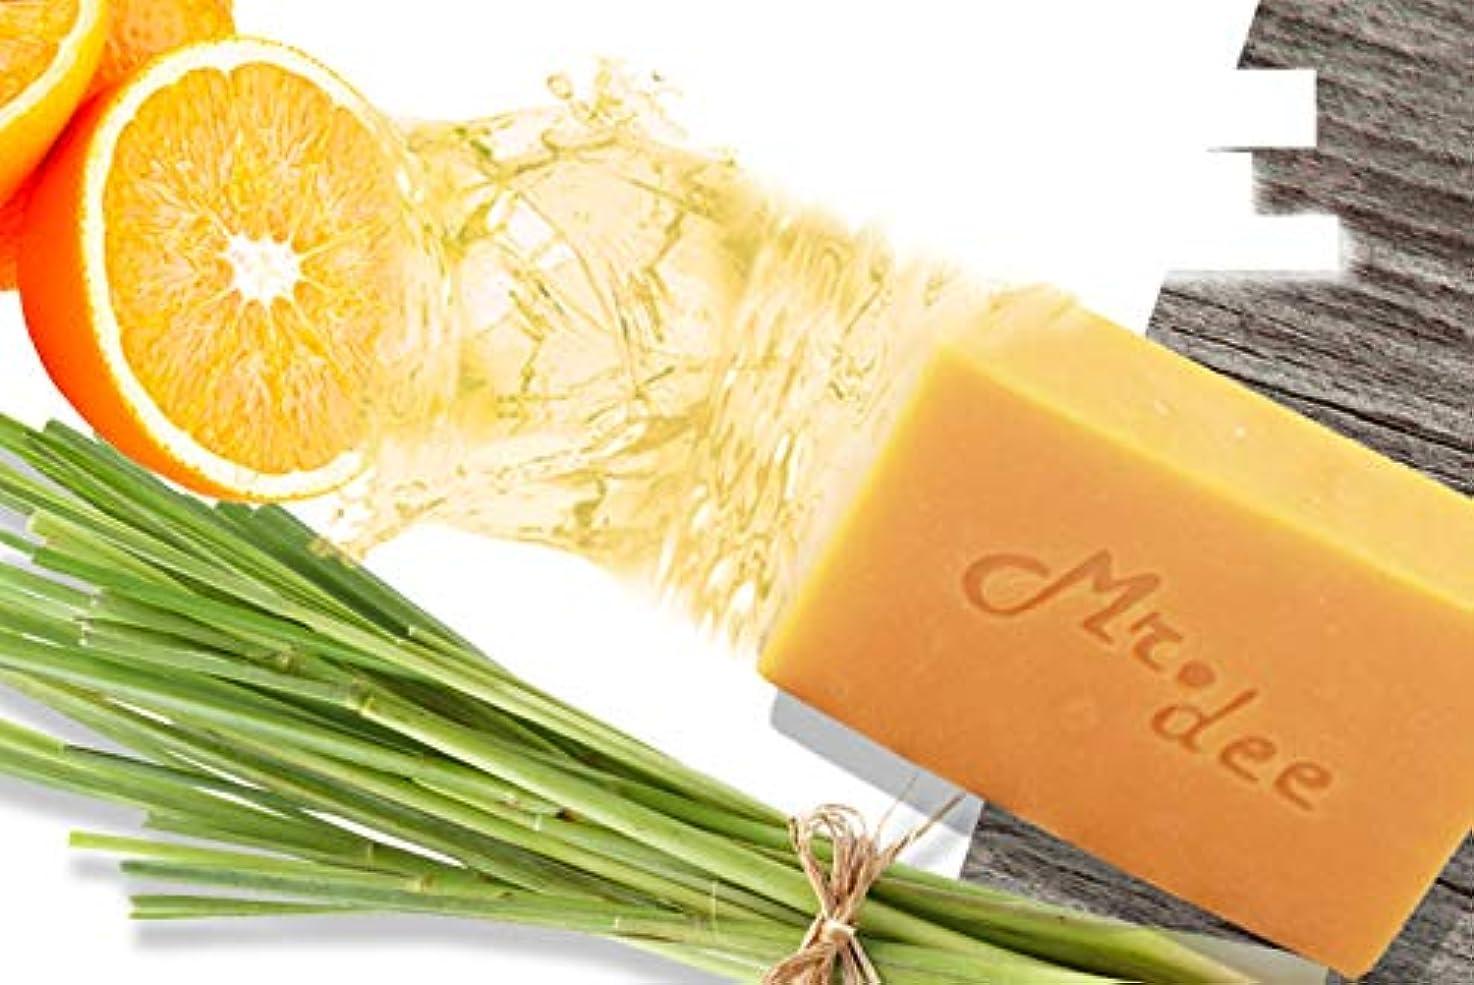 水曜日フォージ時々「Mr.Dee」100%天然石鹸バーレモングラスエッセンシャルオイルパックを白くする非化学シアバター5バー(100グラム/バー)